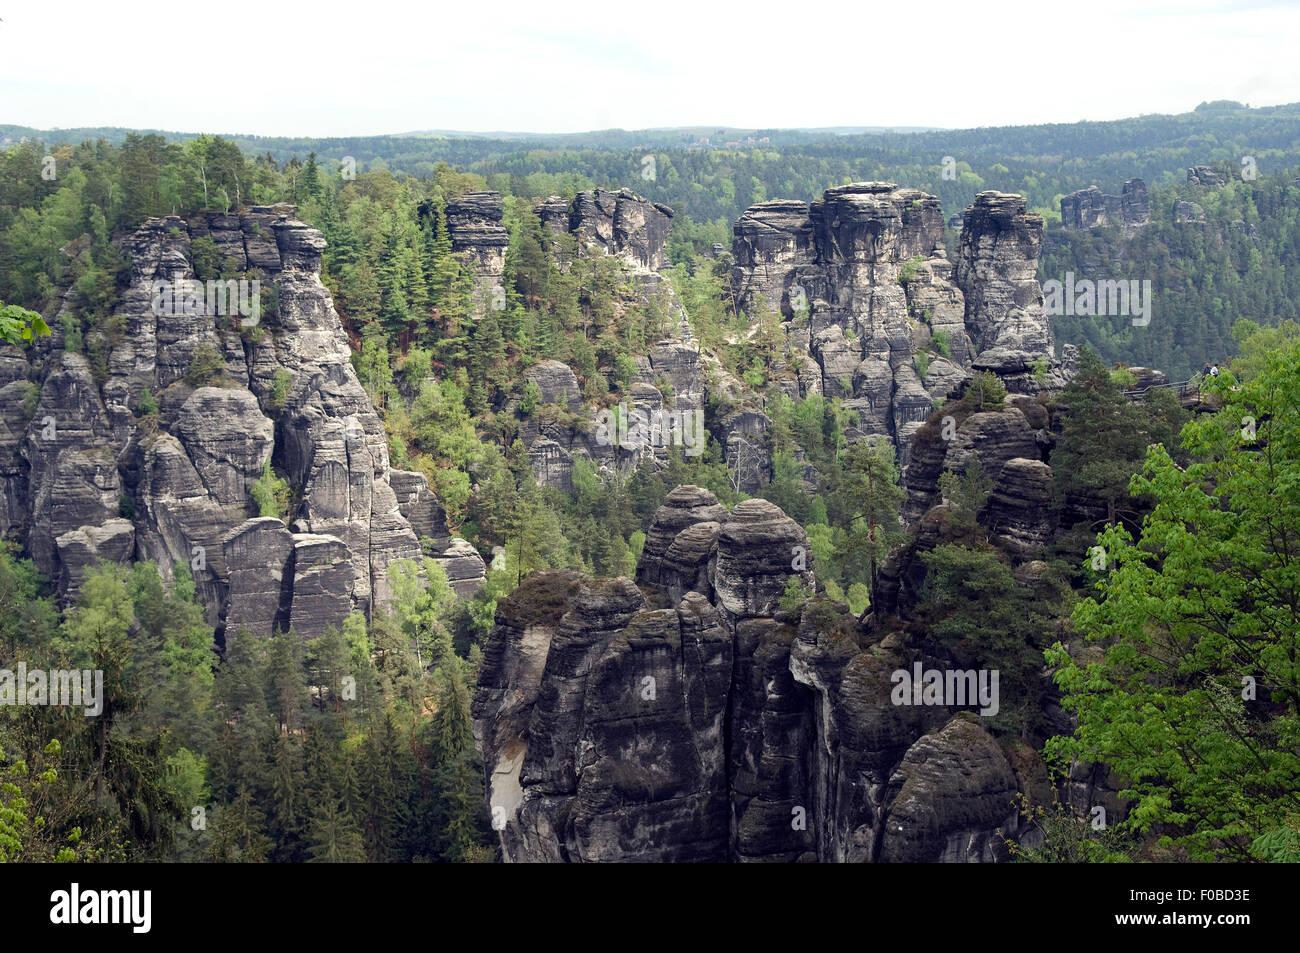 Elbsandsteingebirge, Elbe, Fluss, Sandstein, Stockbild